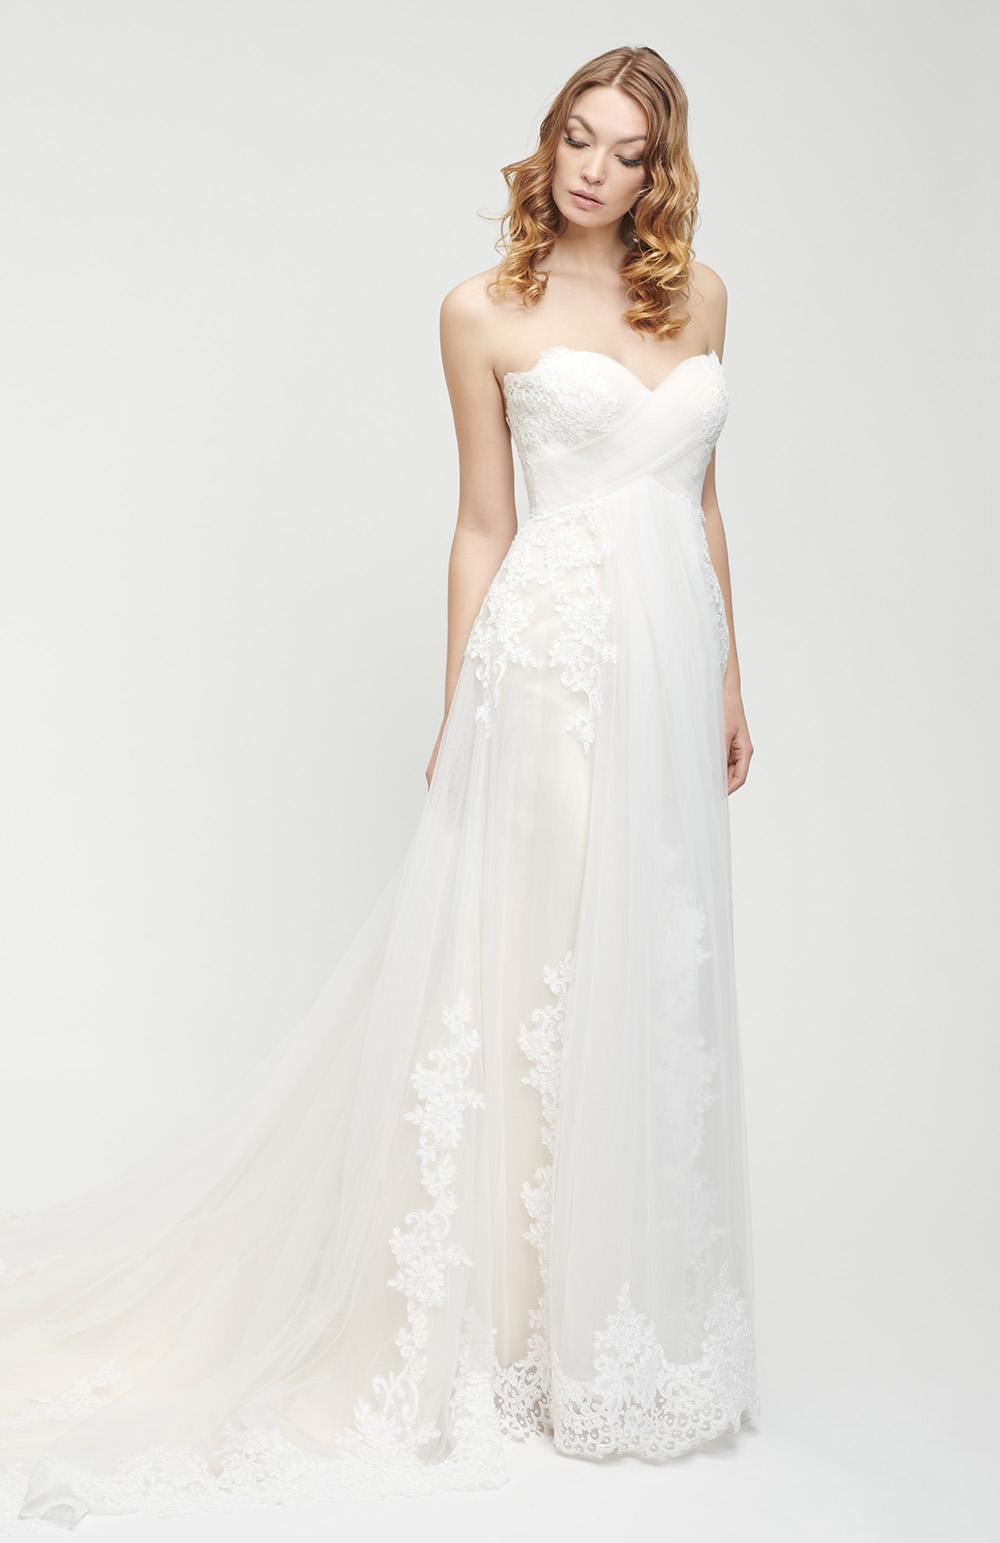 Robe de mariée Modèle Rivka